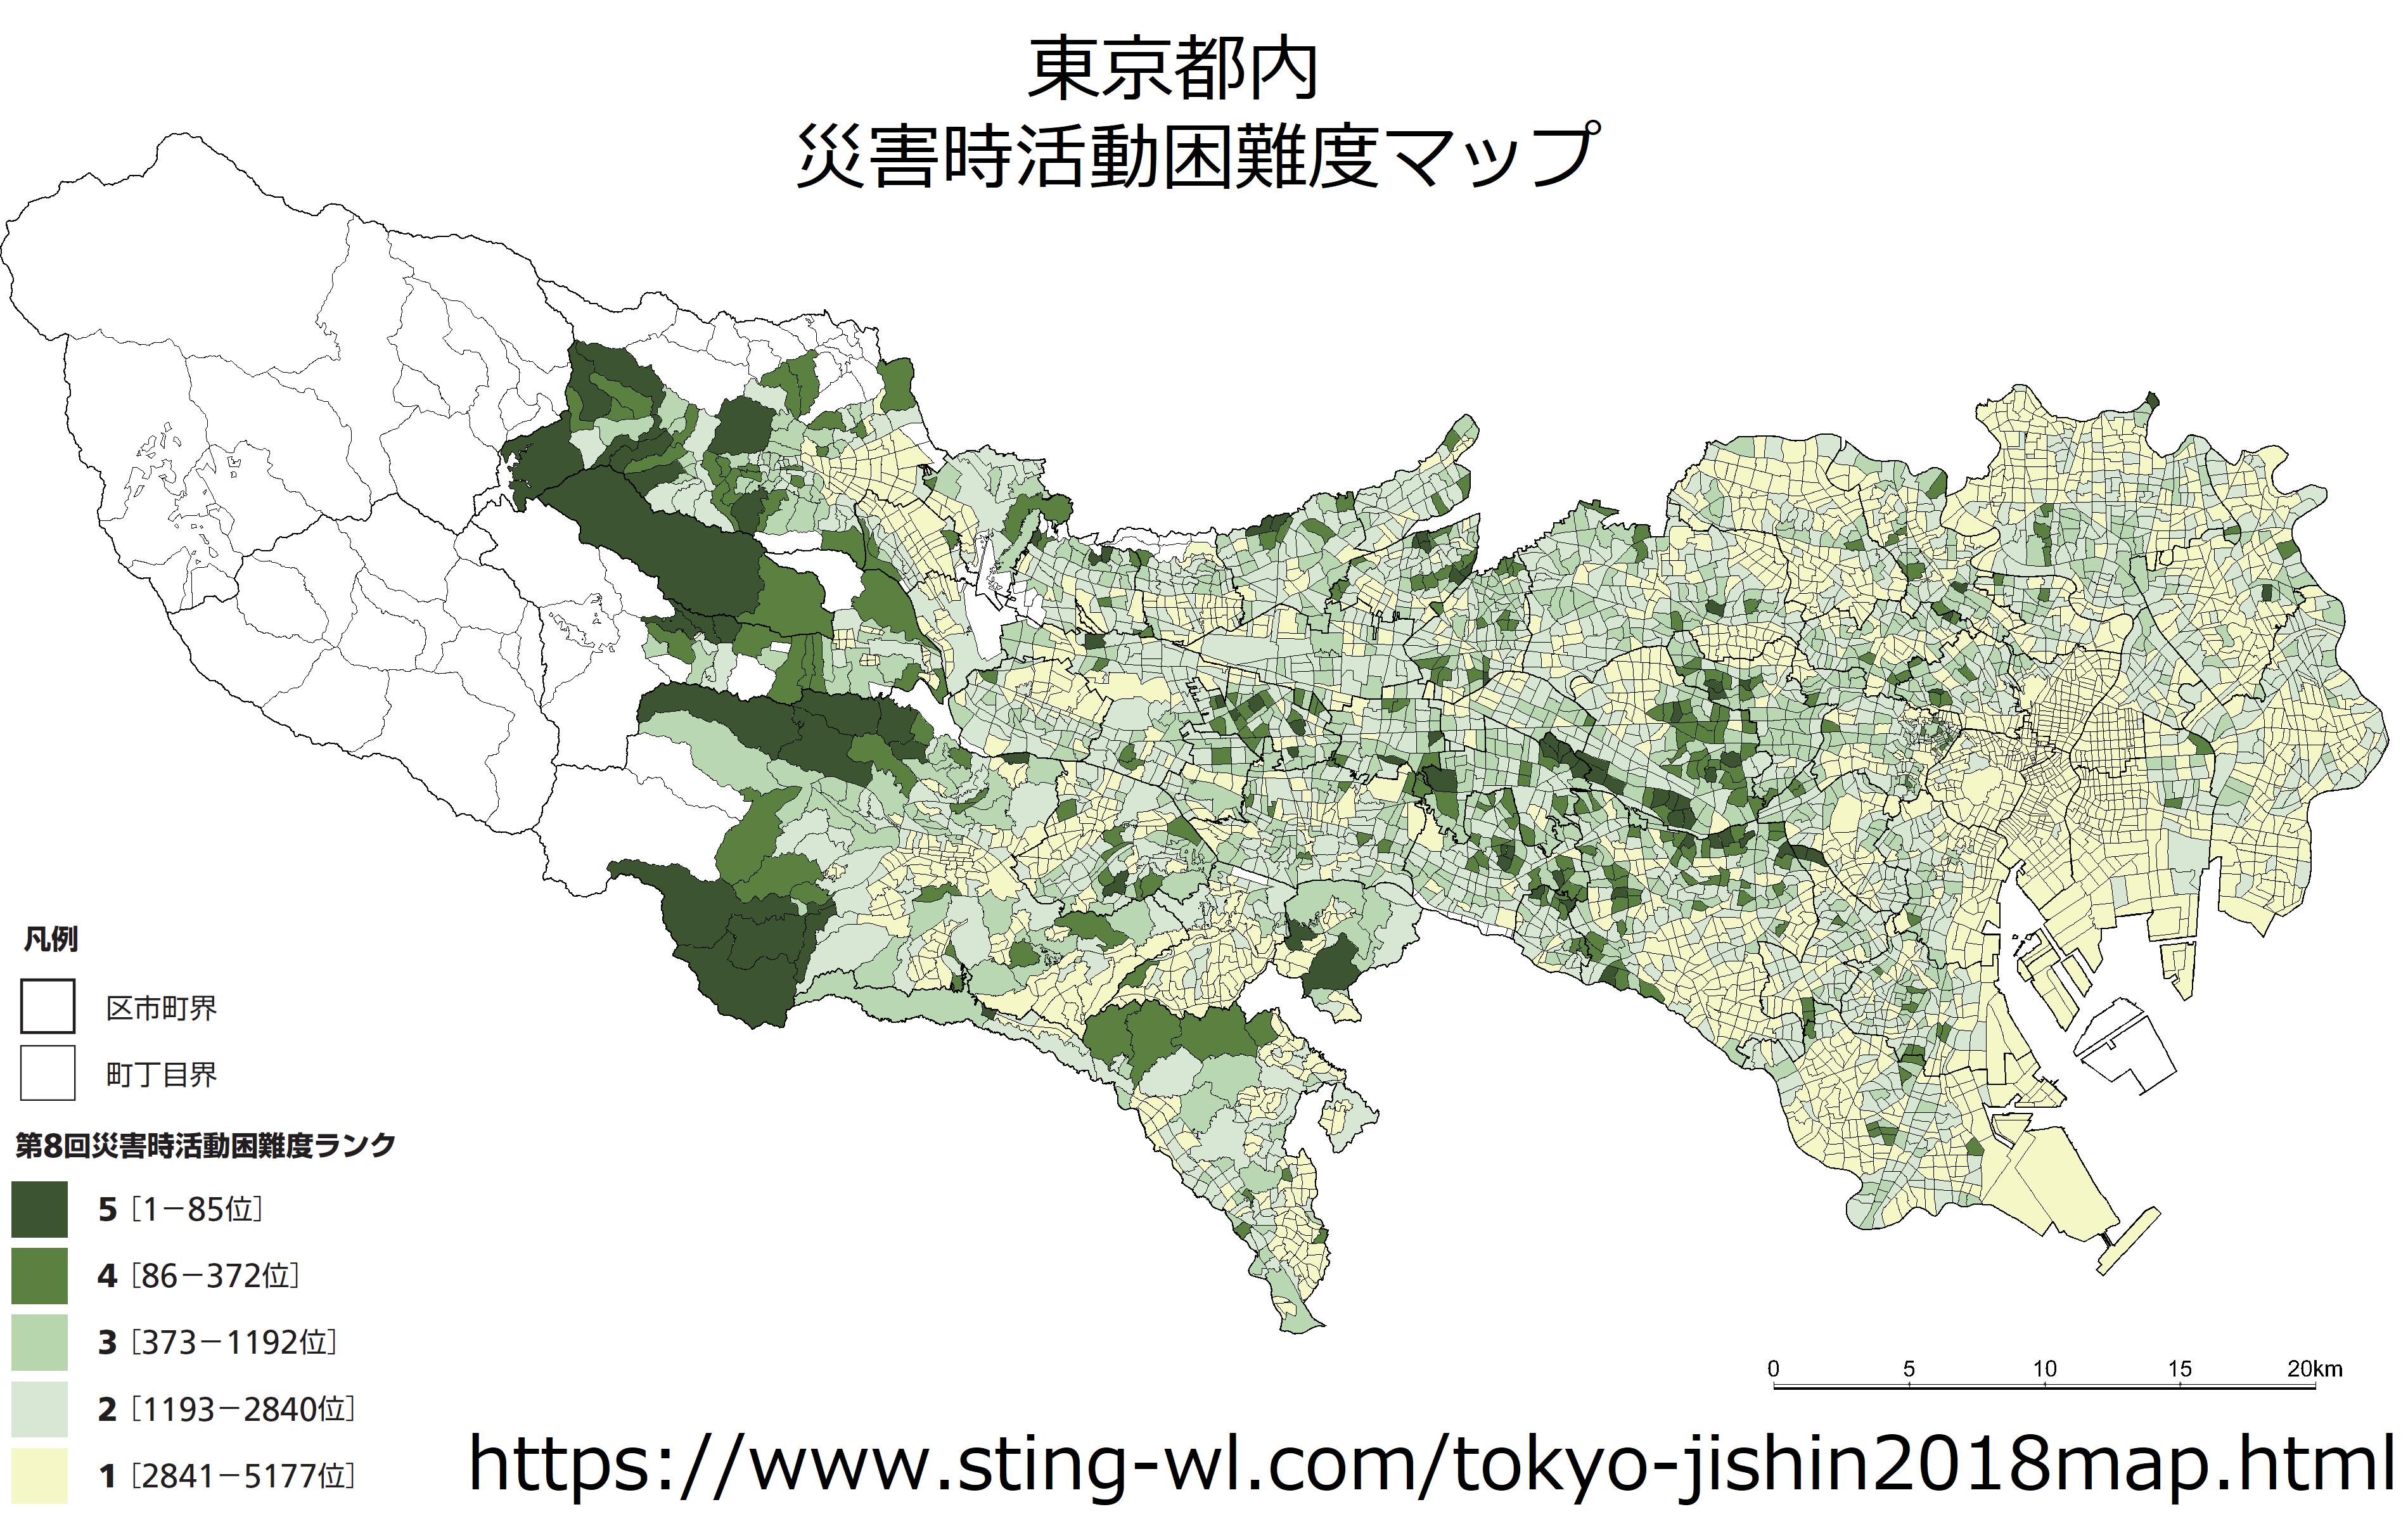 東京の災害時活動困難マップ